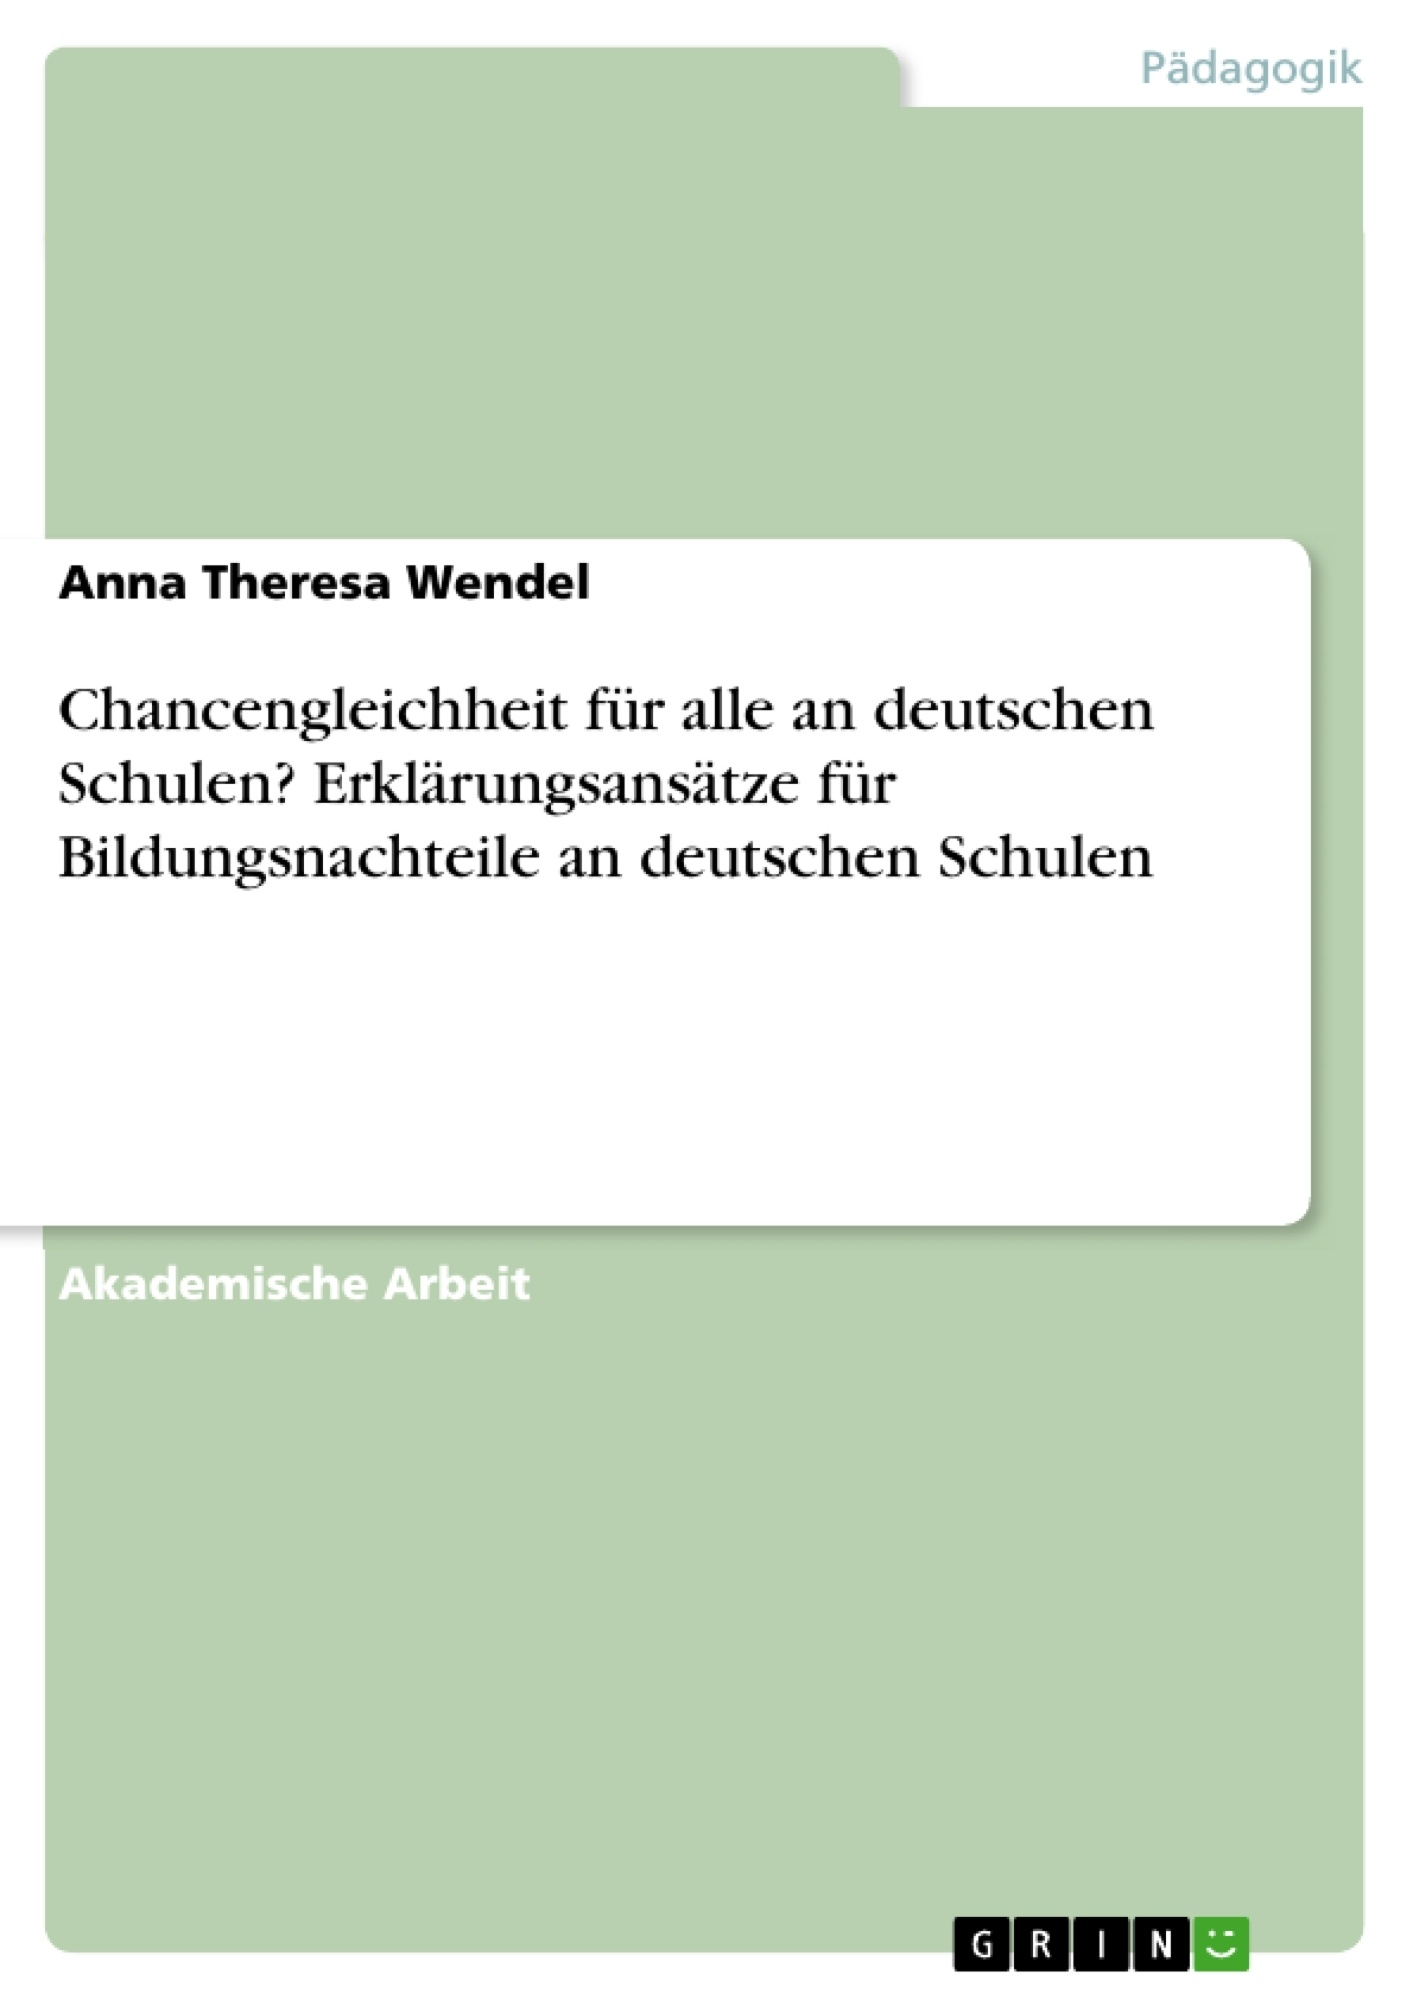 Titel: Chancengleichheit für alle an deutschen Schulen? Erklärungsansätze für Bildungsnachteile an deutschen Schulen